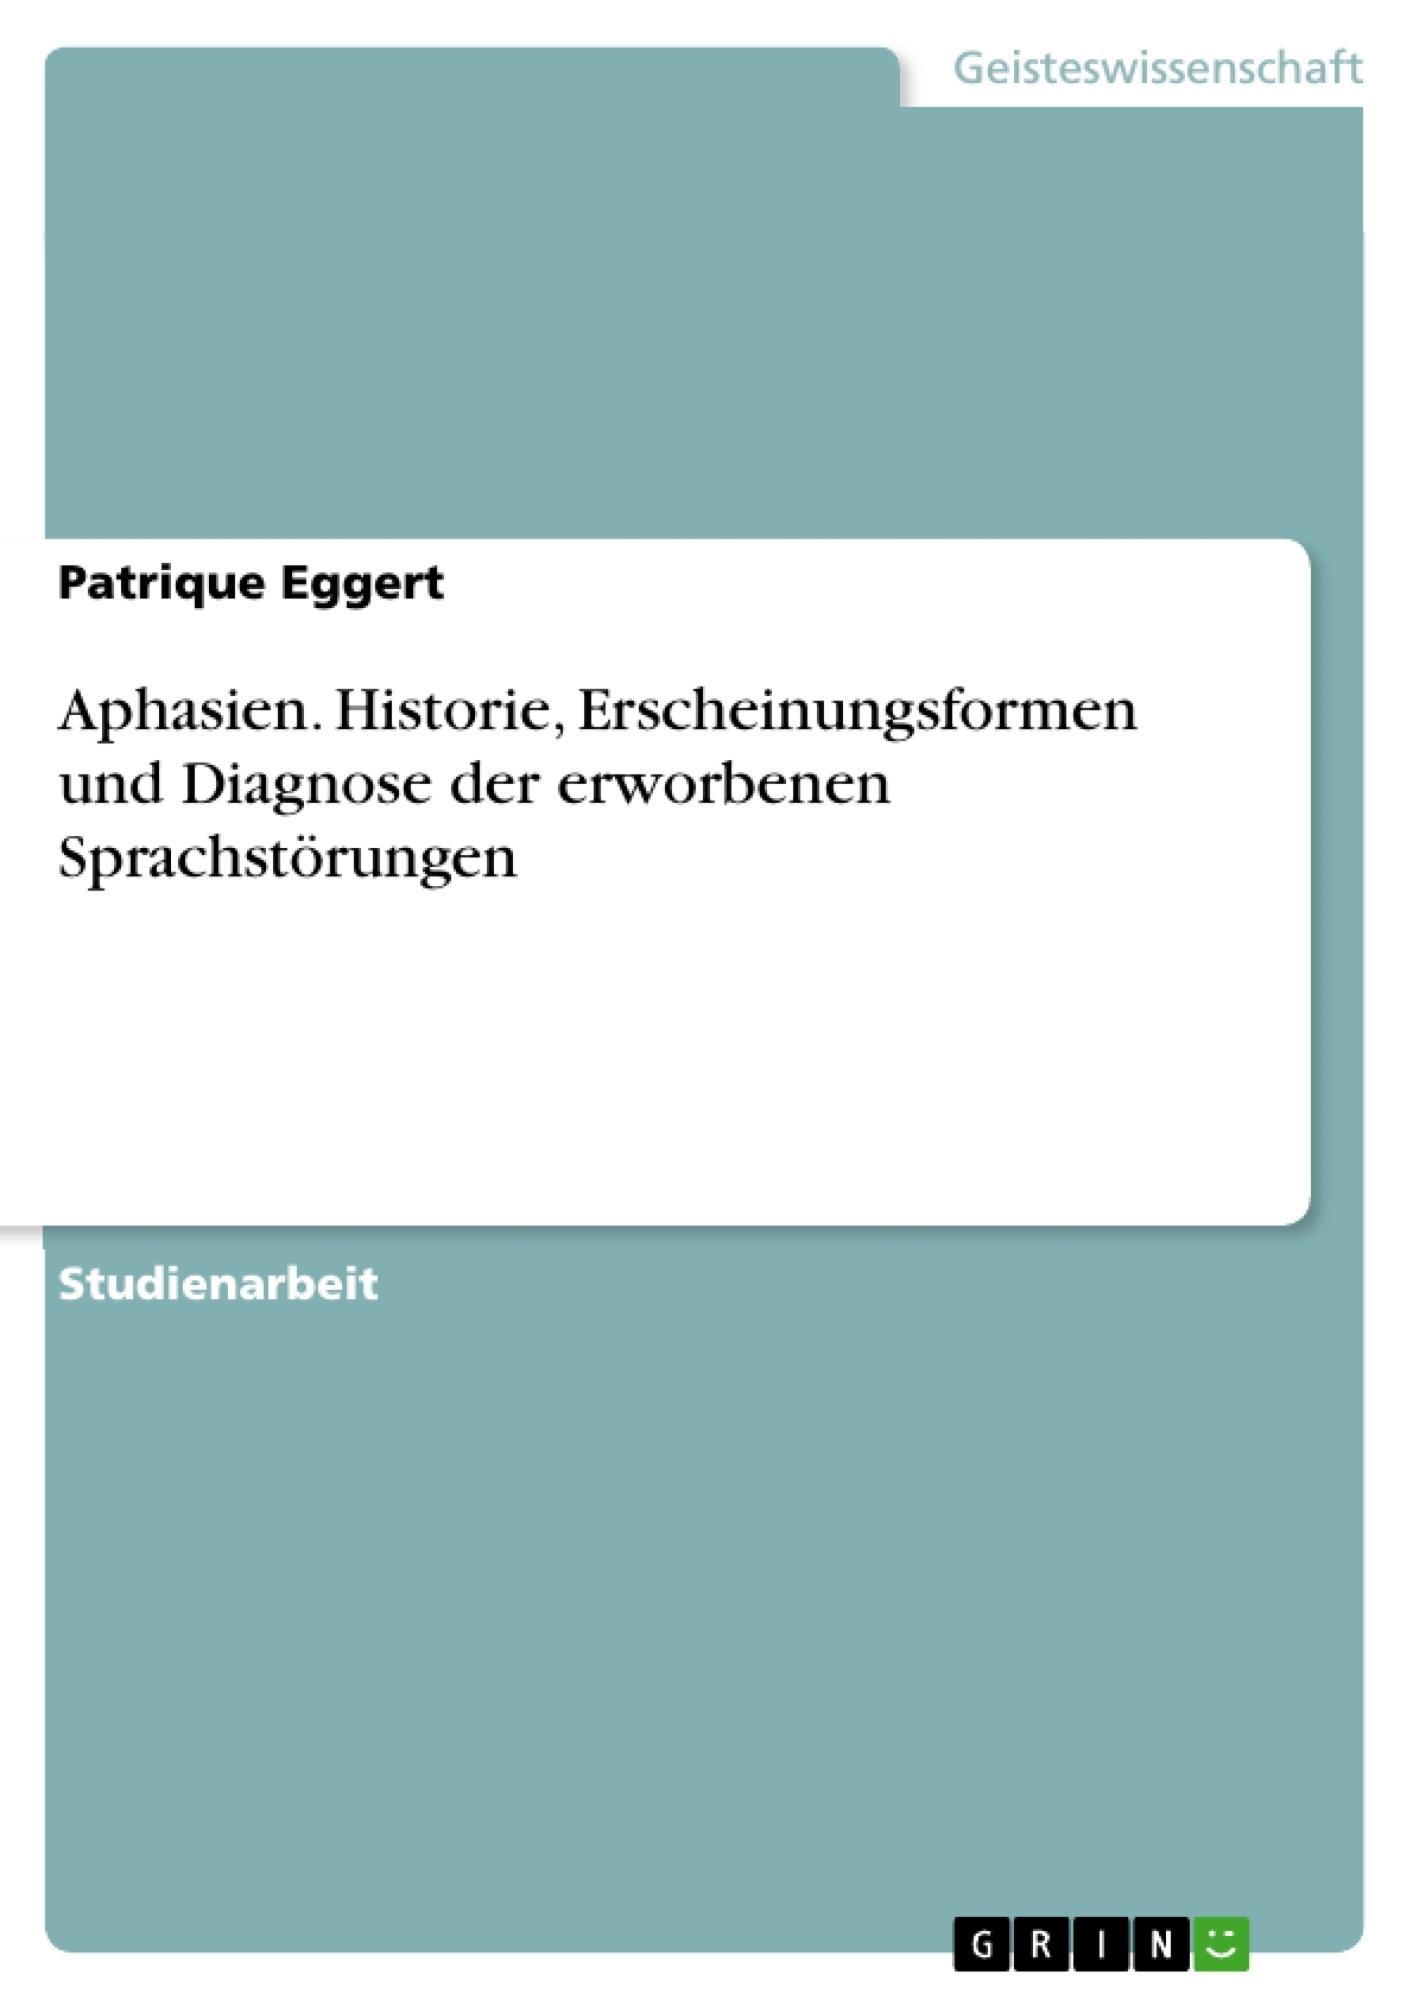 Titel: Aphasien. Historie, Erscheinungsformen und Diagnose der erworbenen Sprachstörungen